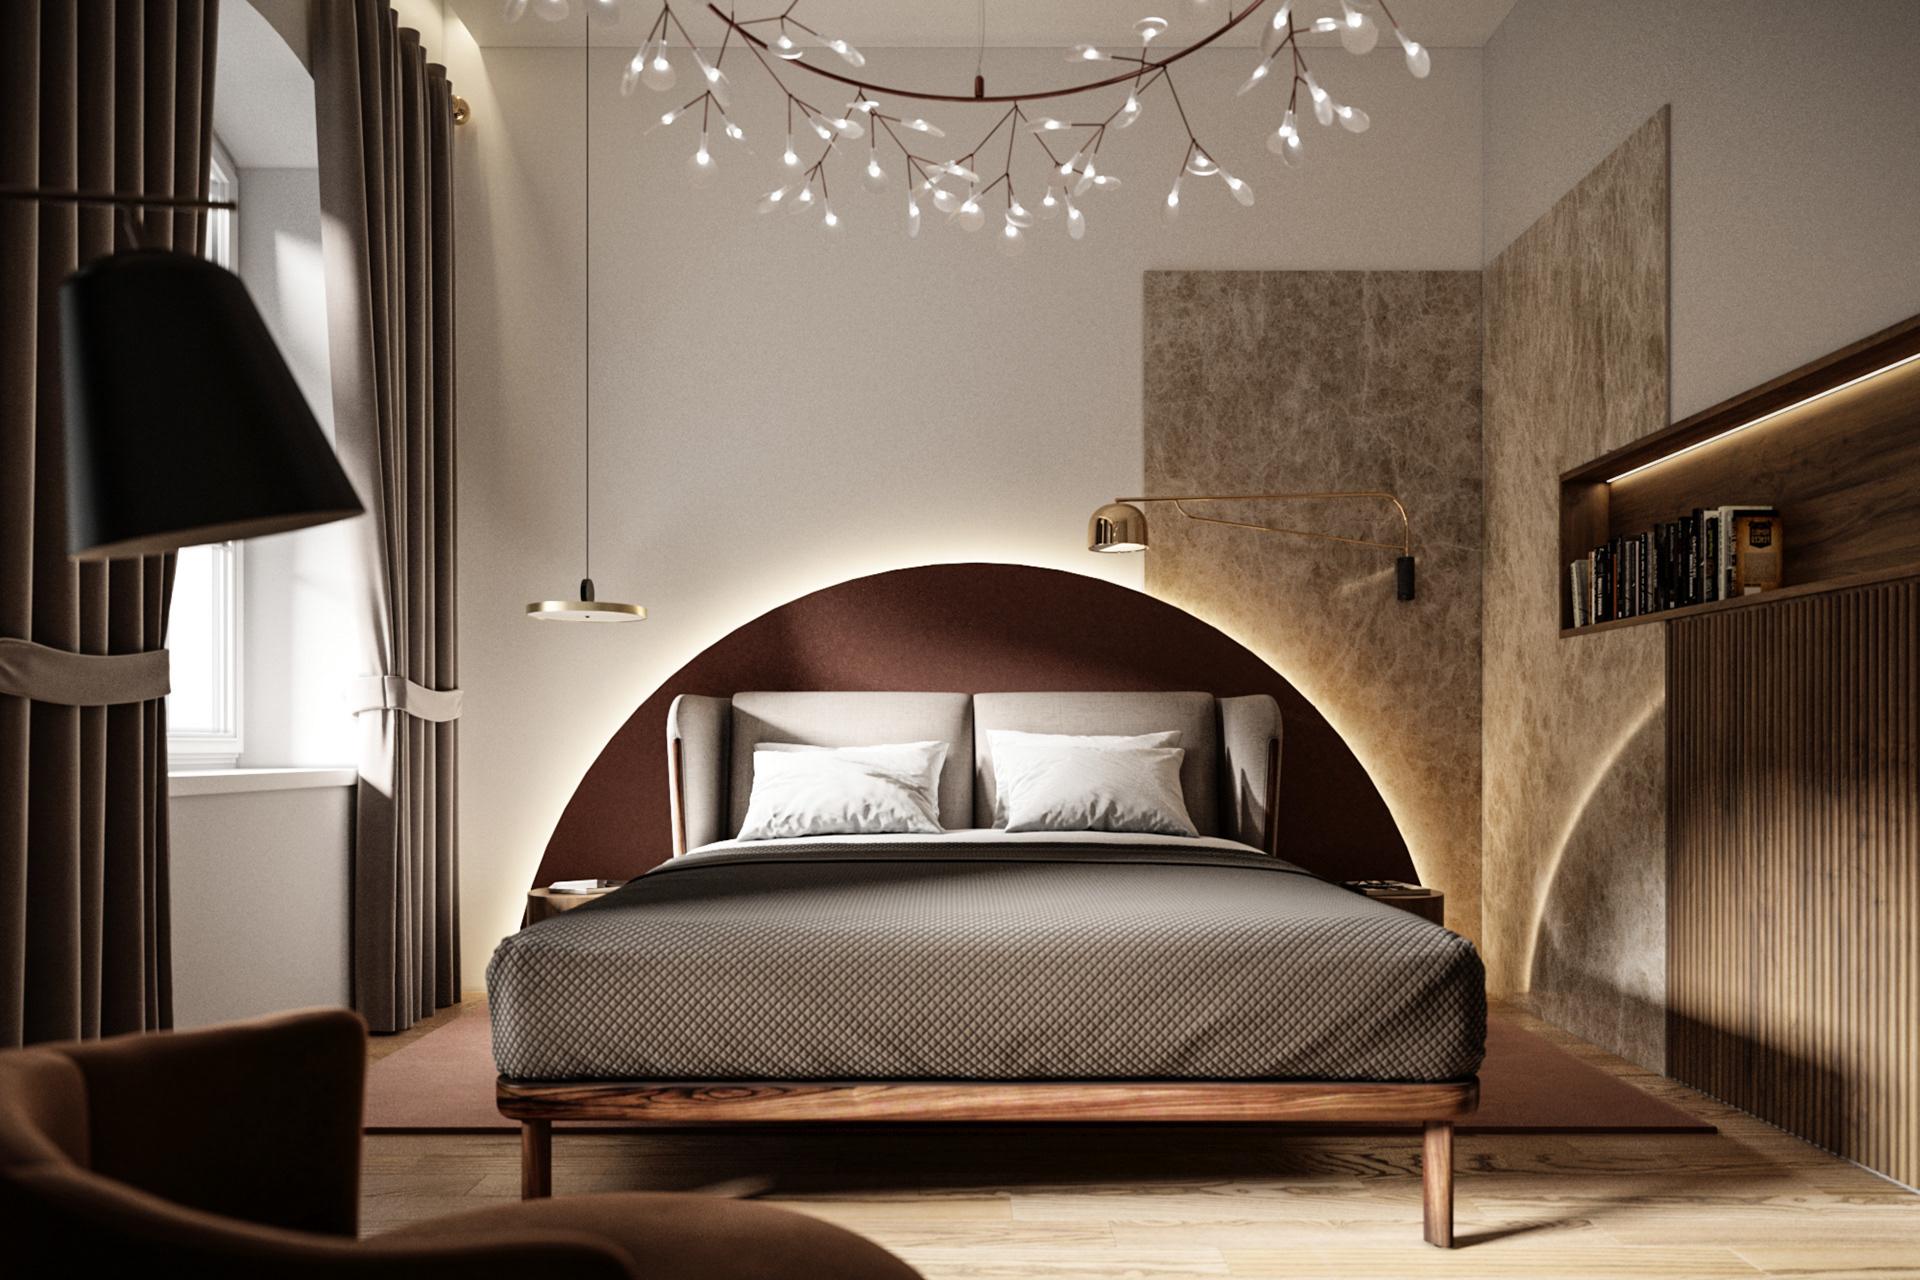 Phòng ngủ xa hoa với thiết kế khác lạ